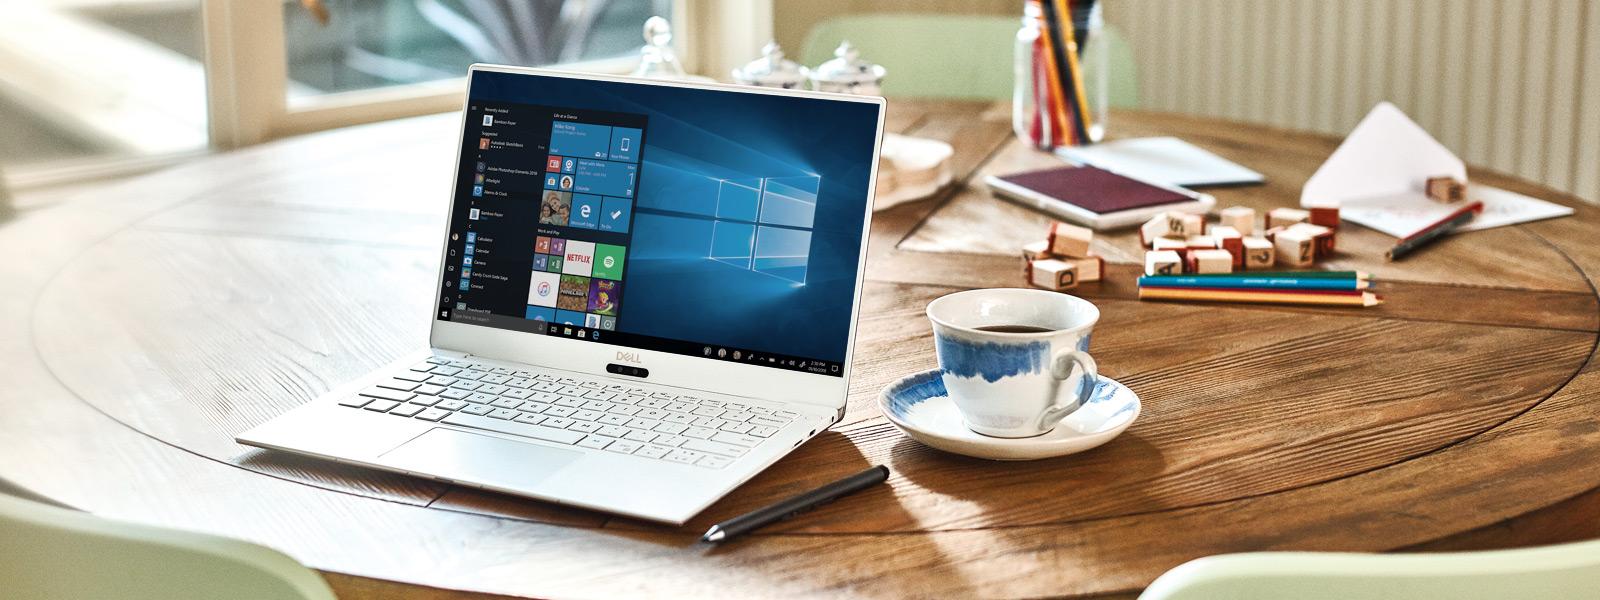 Počítač Dell XPS 13 9370 otvorený na stole s úvodnou obrazovkou Windowsu 10.